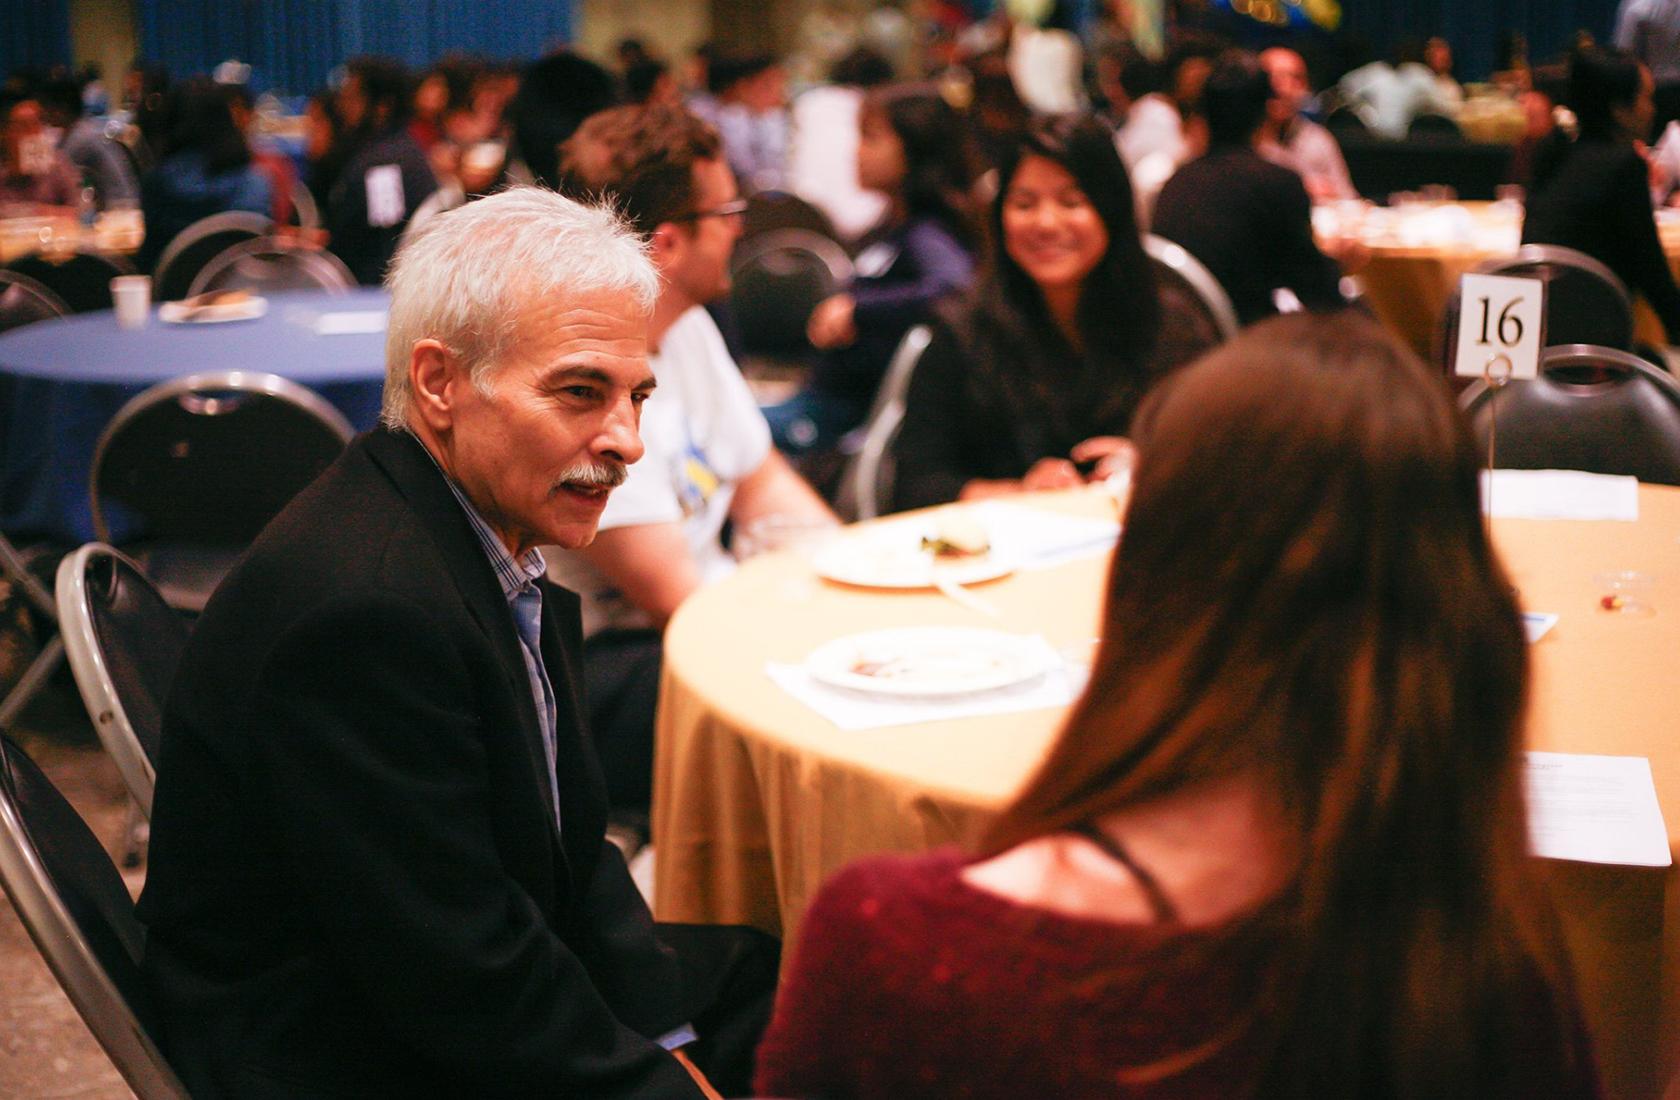 An alumni mentor talking at an event